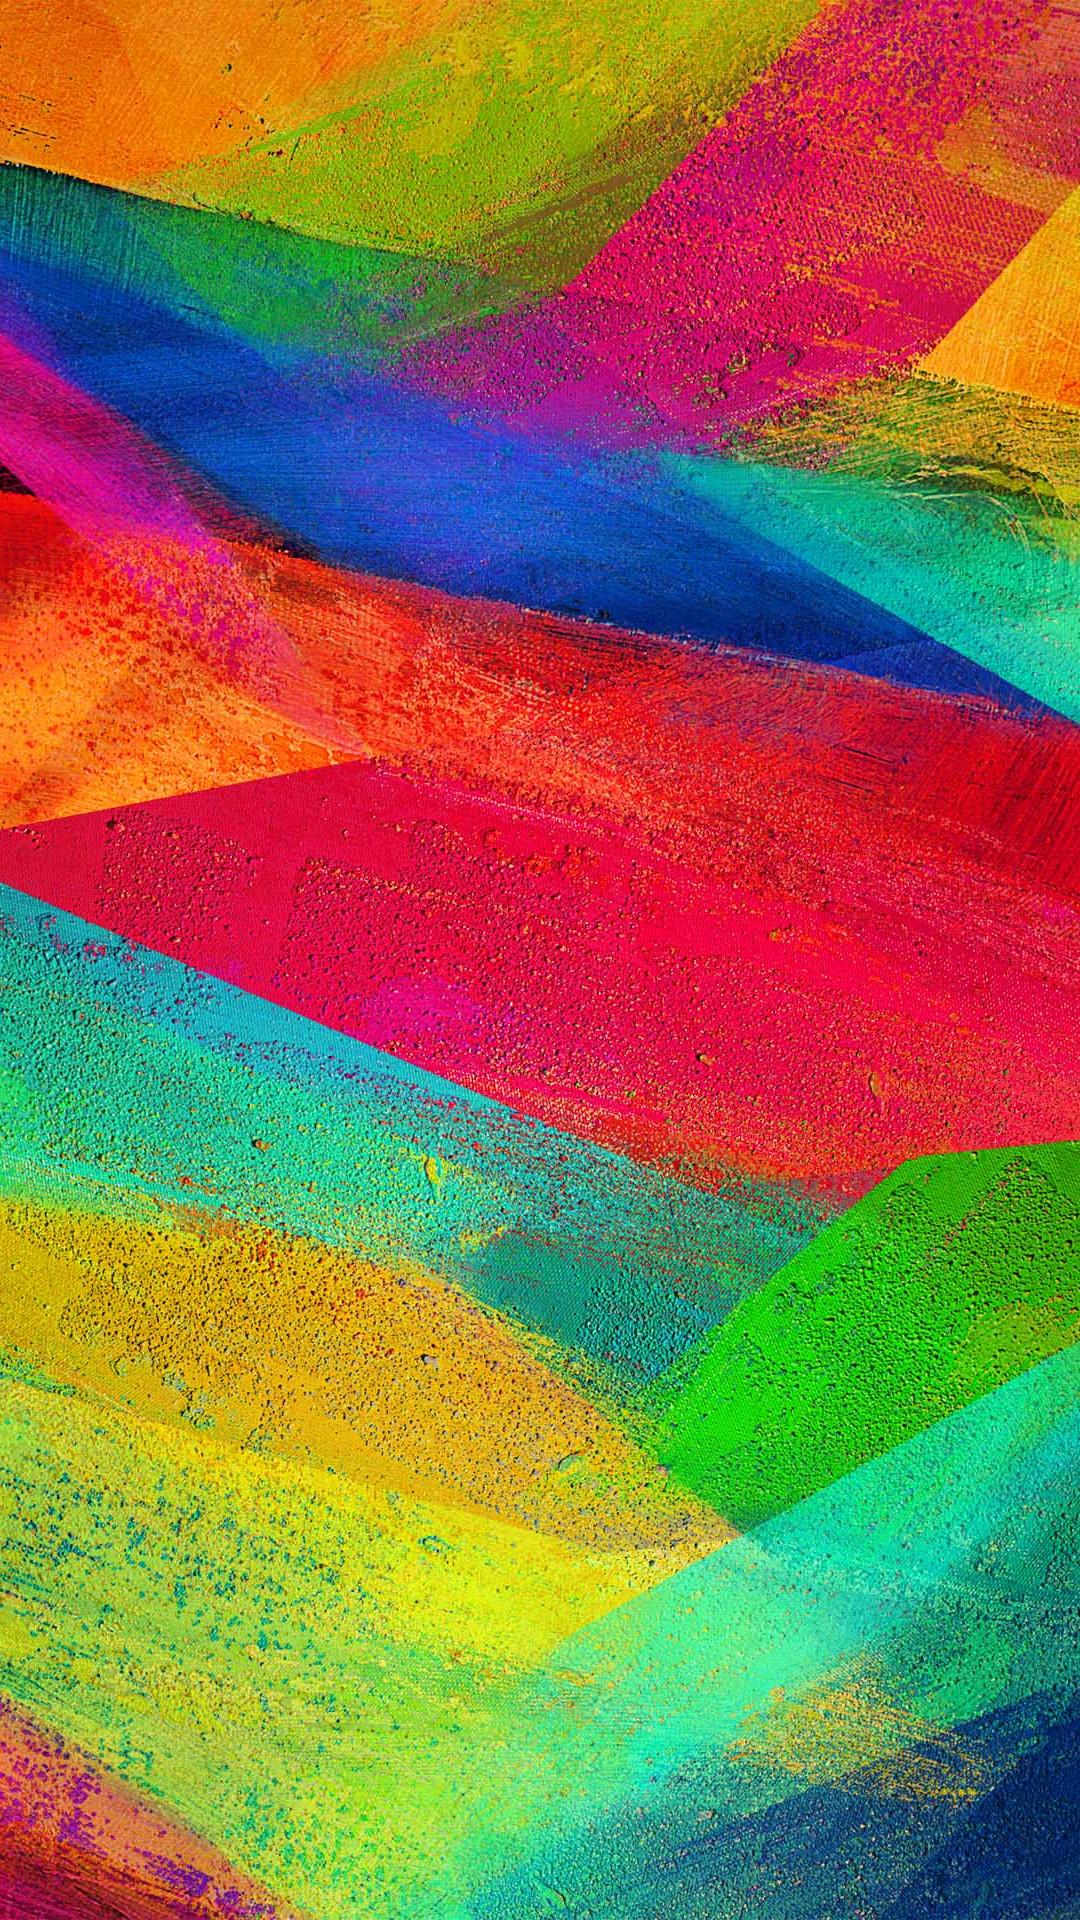 Mandala Wallpaper Iphone | Top HD Images For Free